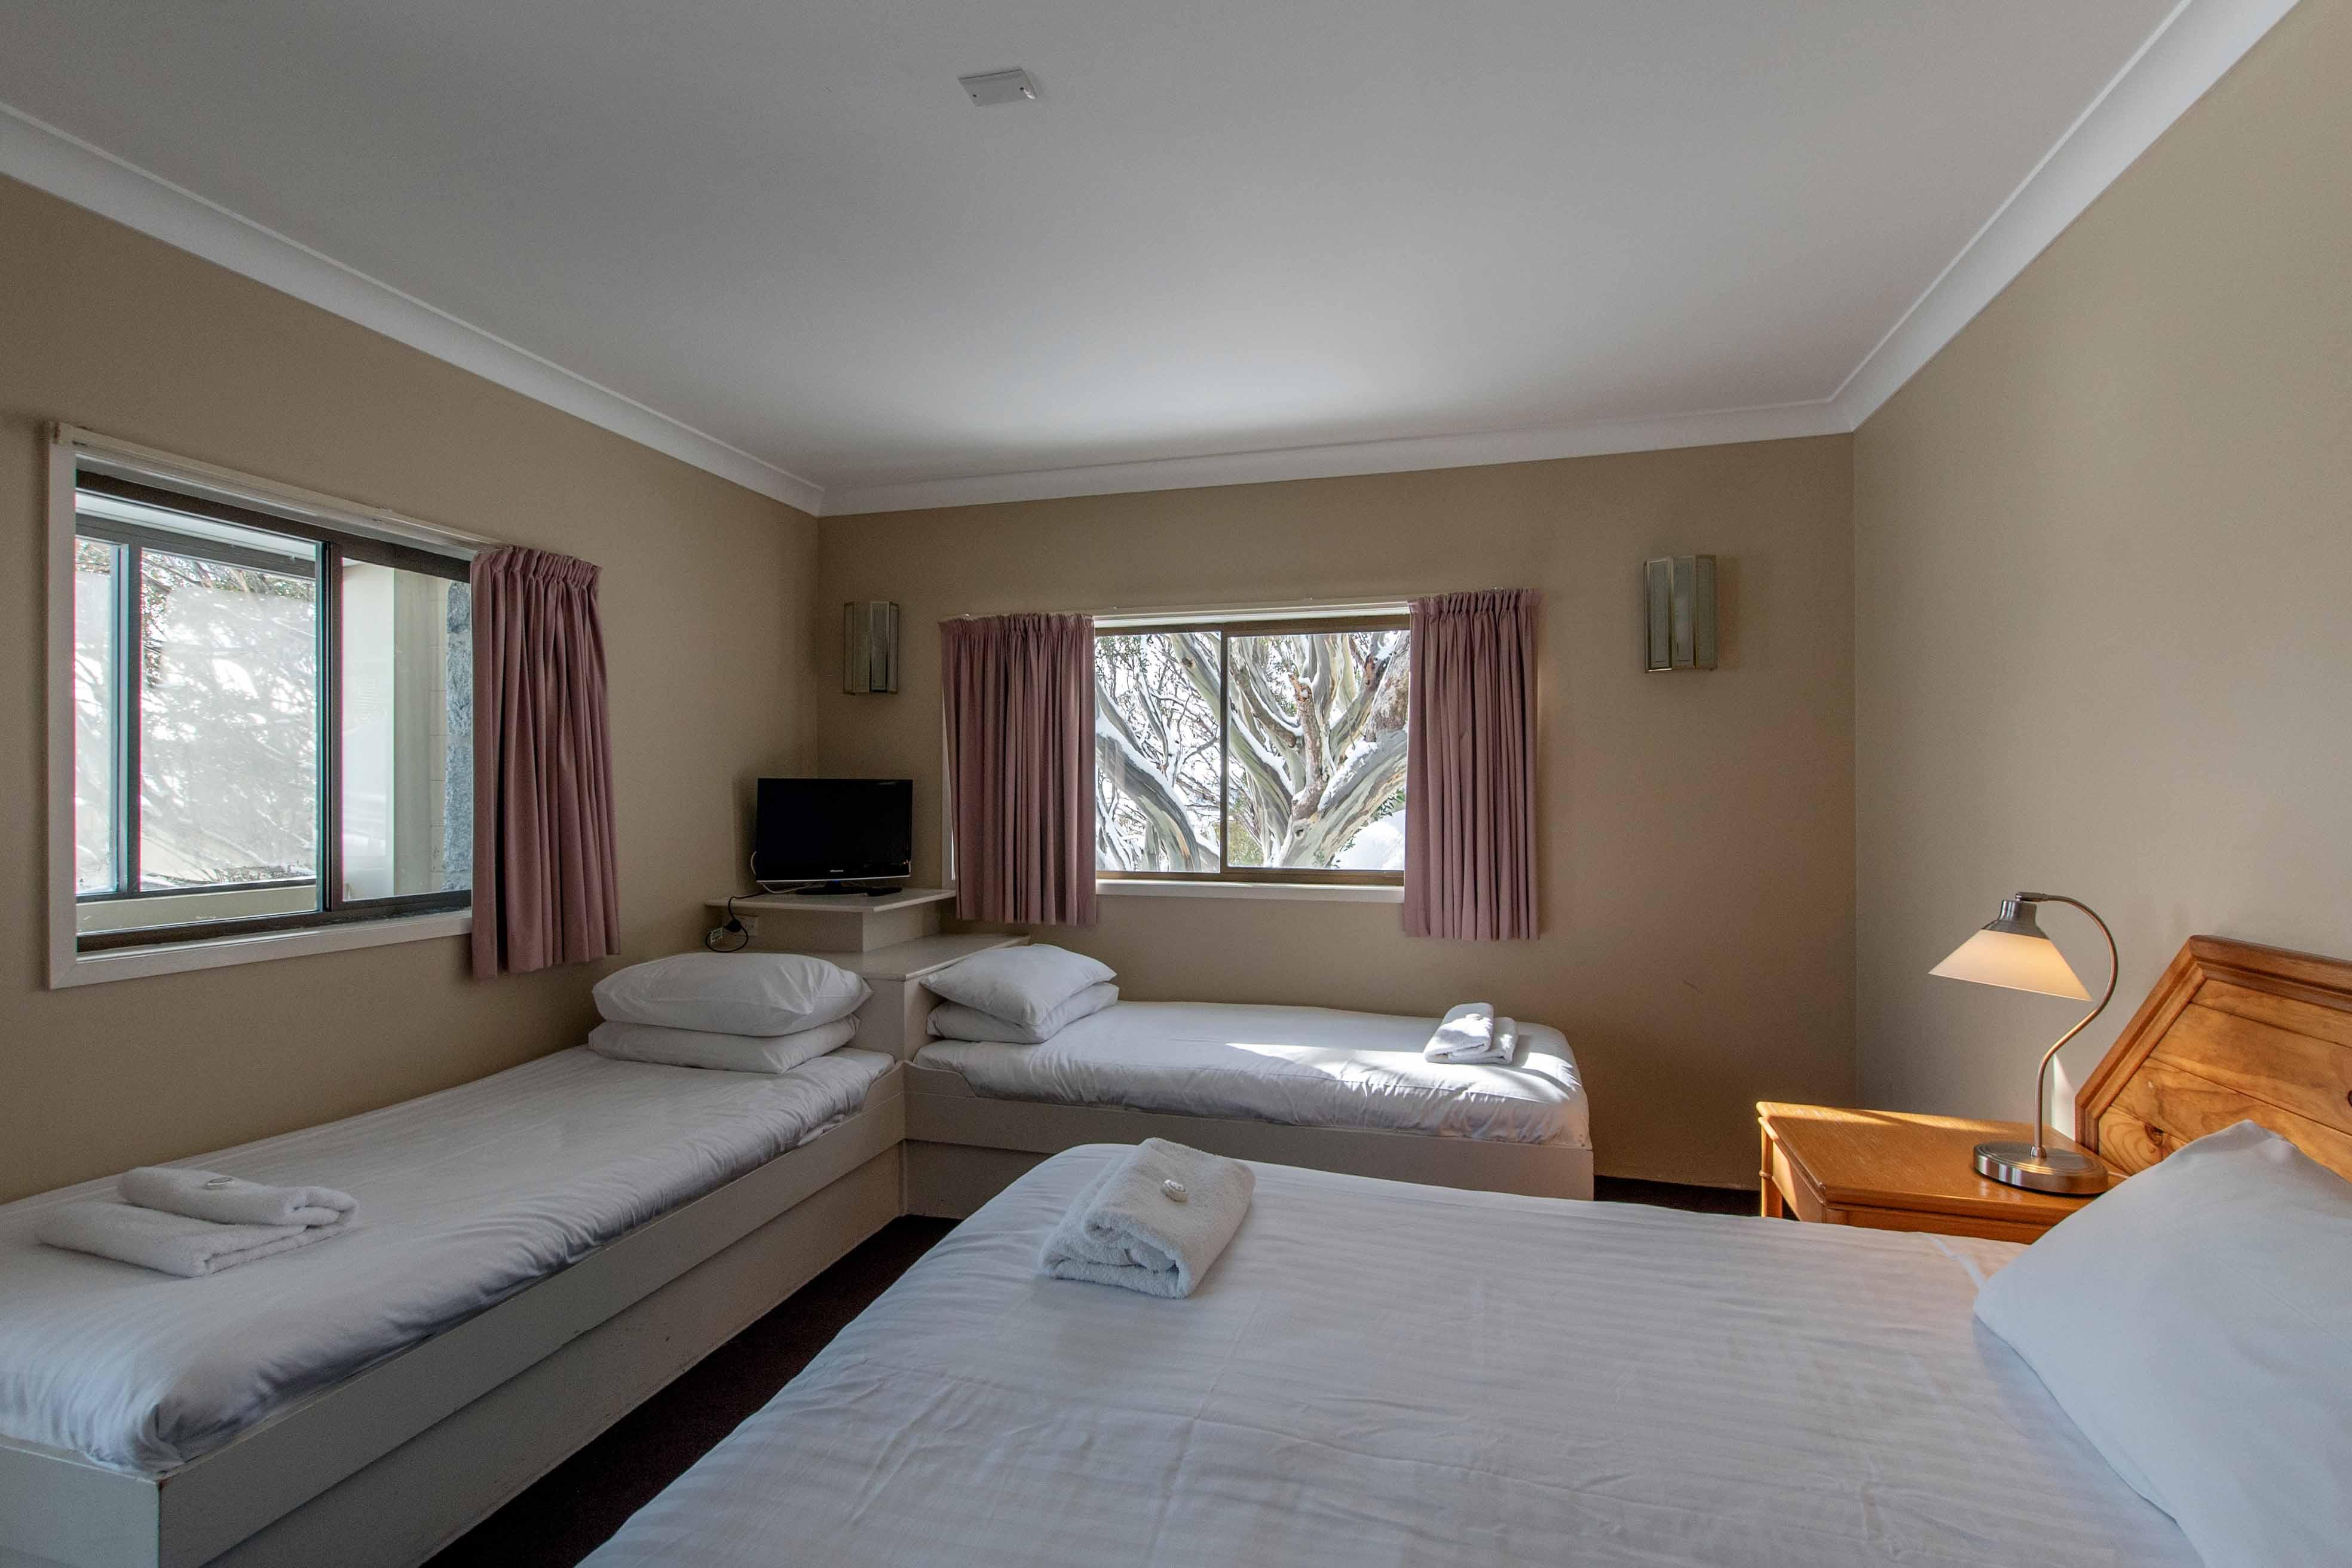 Matterhorn bed b